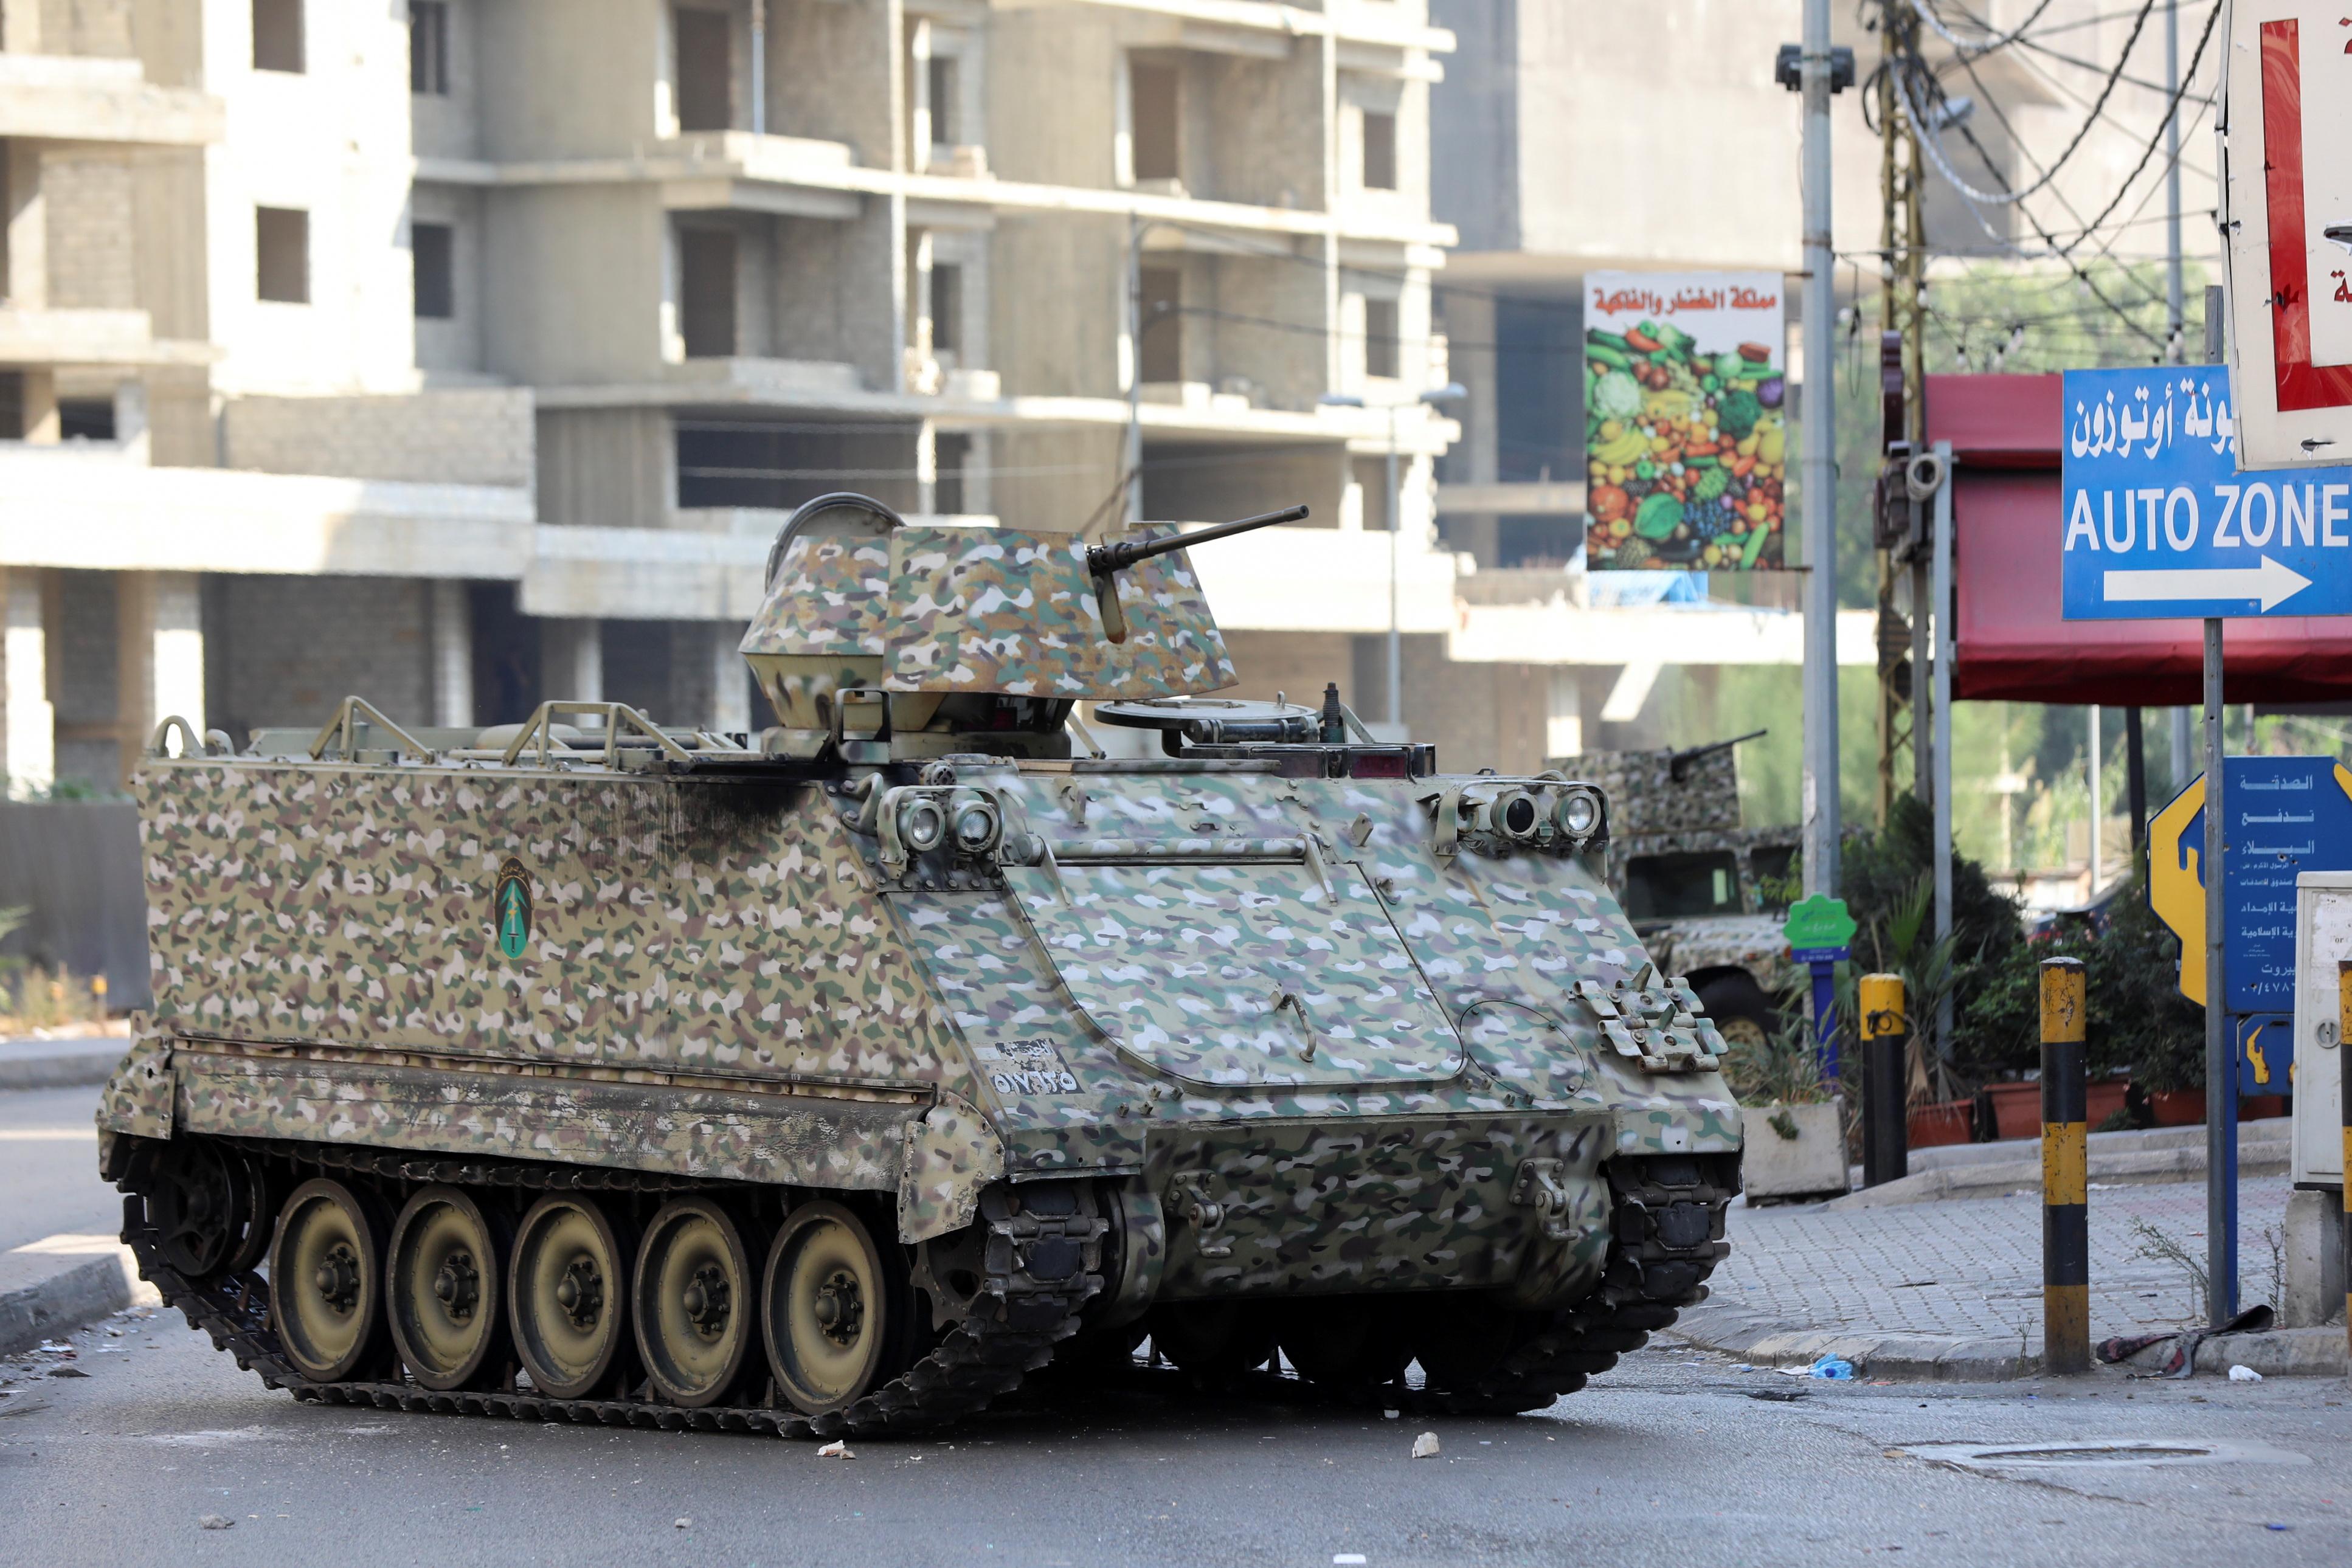 A tank is seen after gunfire erupted, in Beirut, Lebanon October 14, 2021.  REUTERS/Mohamed Azakir